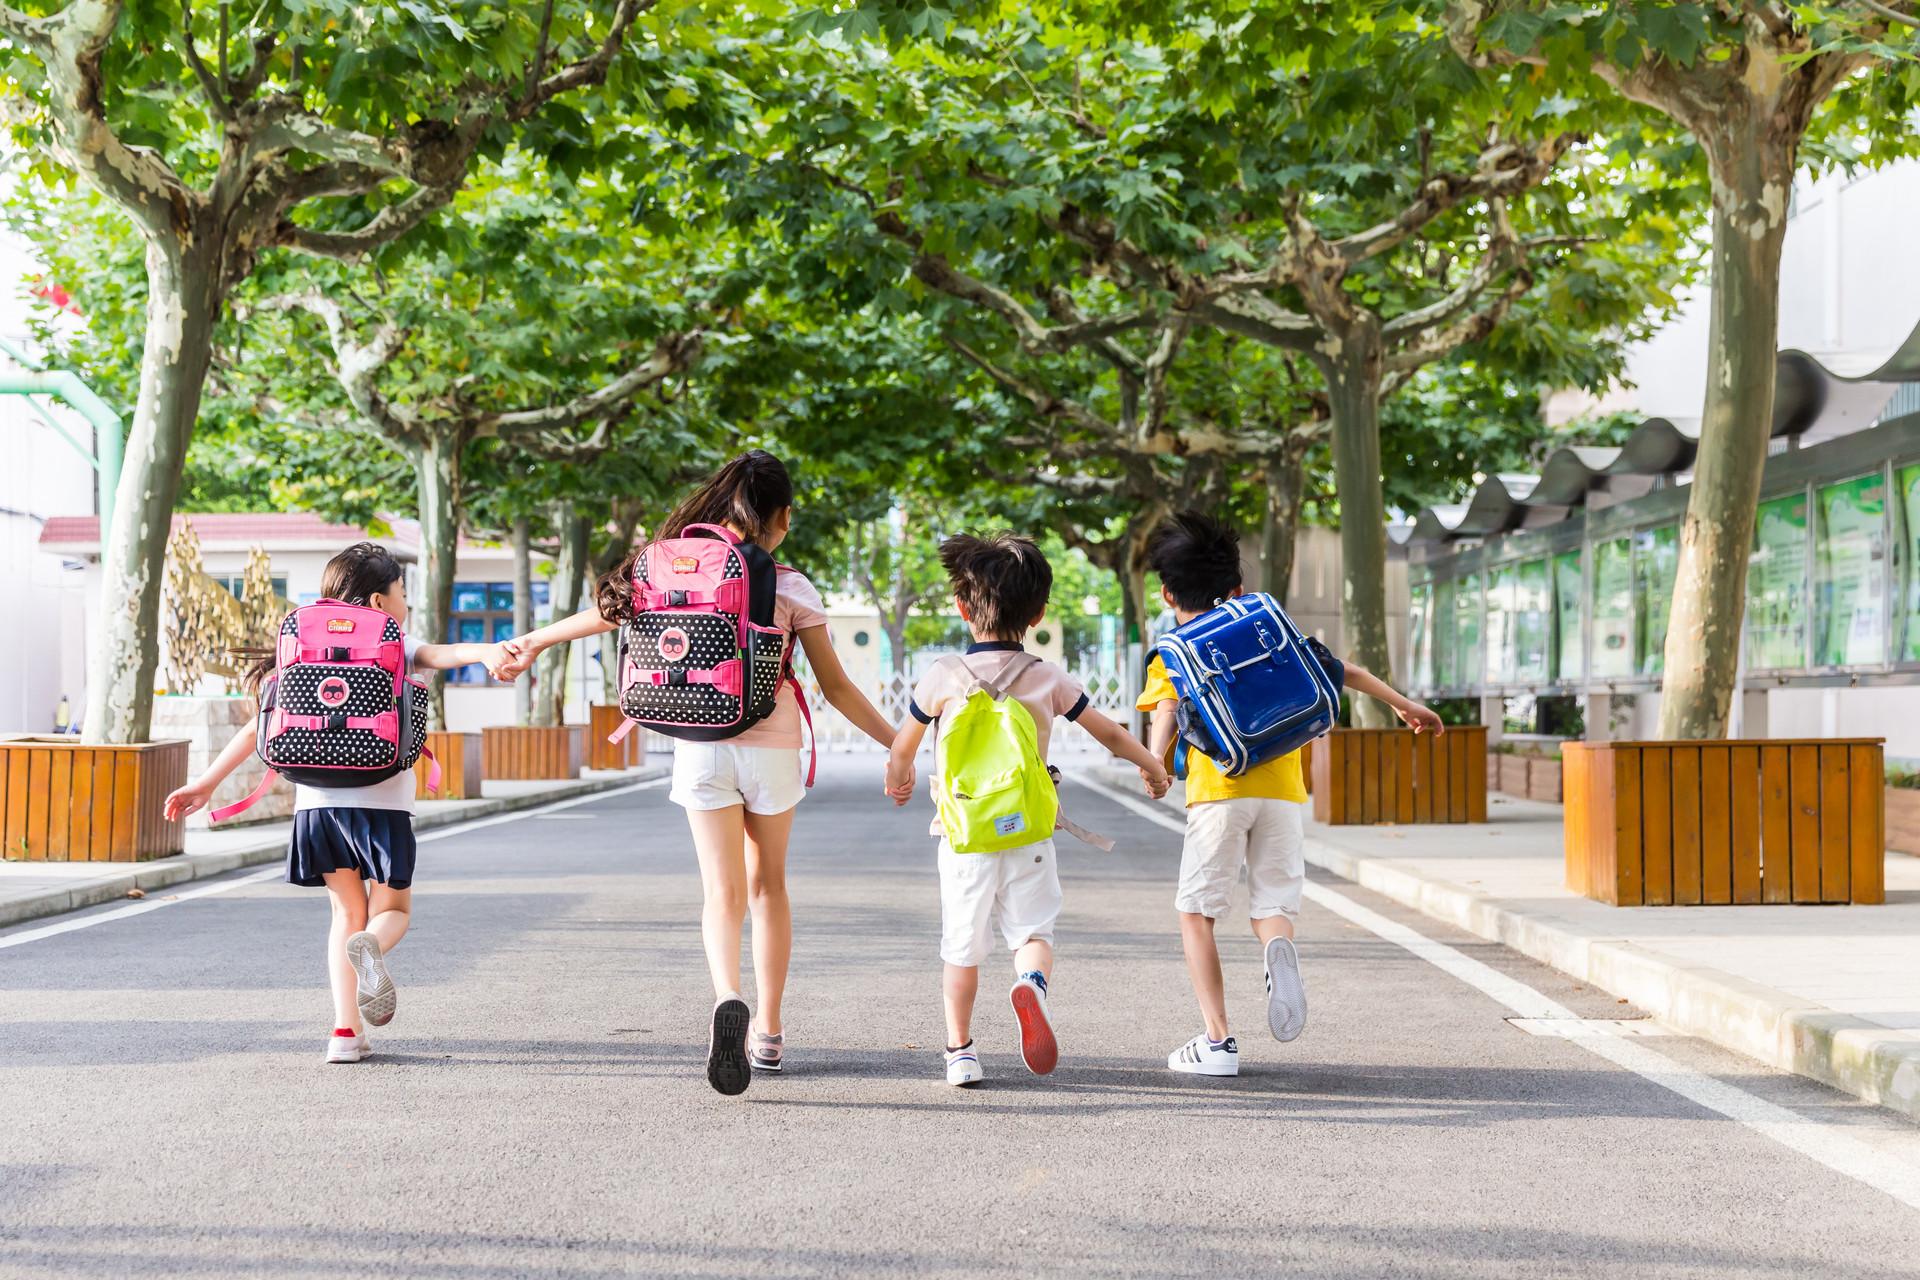 孩子的教育金有必要买吗,怎么为孩子投保教育金